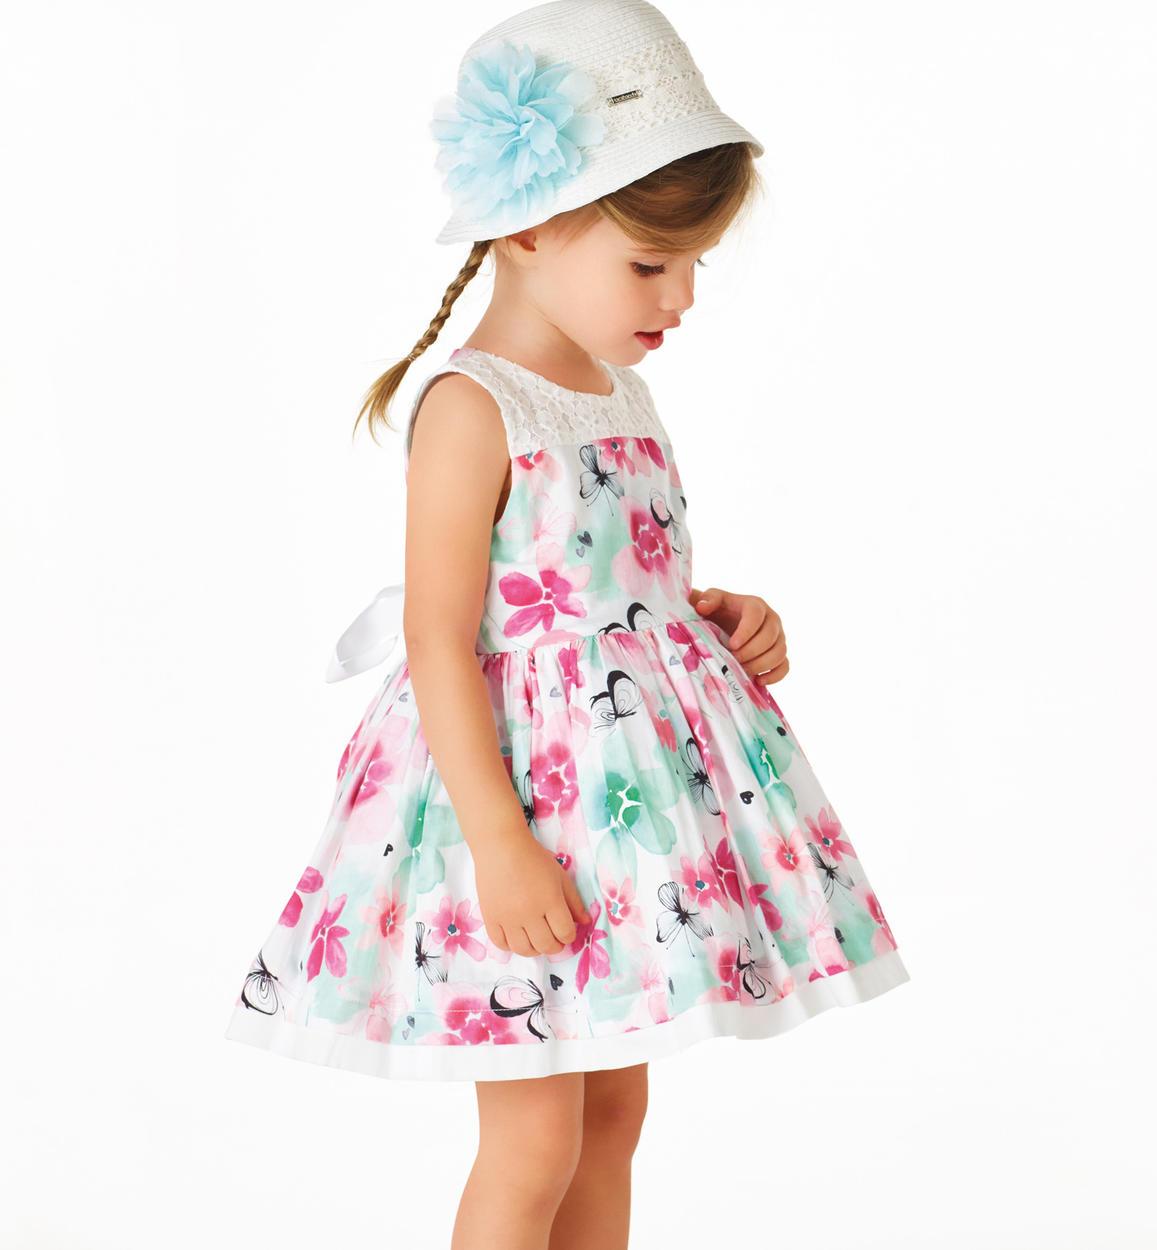 finest selection 9a14e 80758 Vestitino floreale in cotone satinato per bambina da 6 mesi a 7 anni  Sarabanda